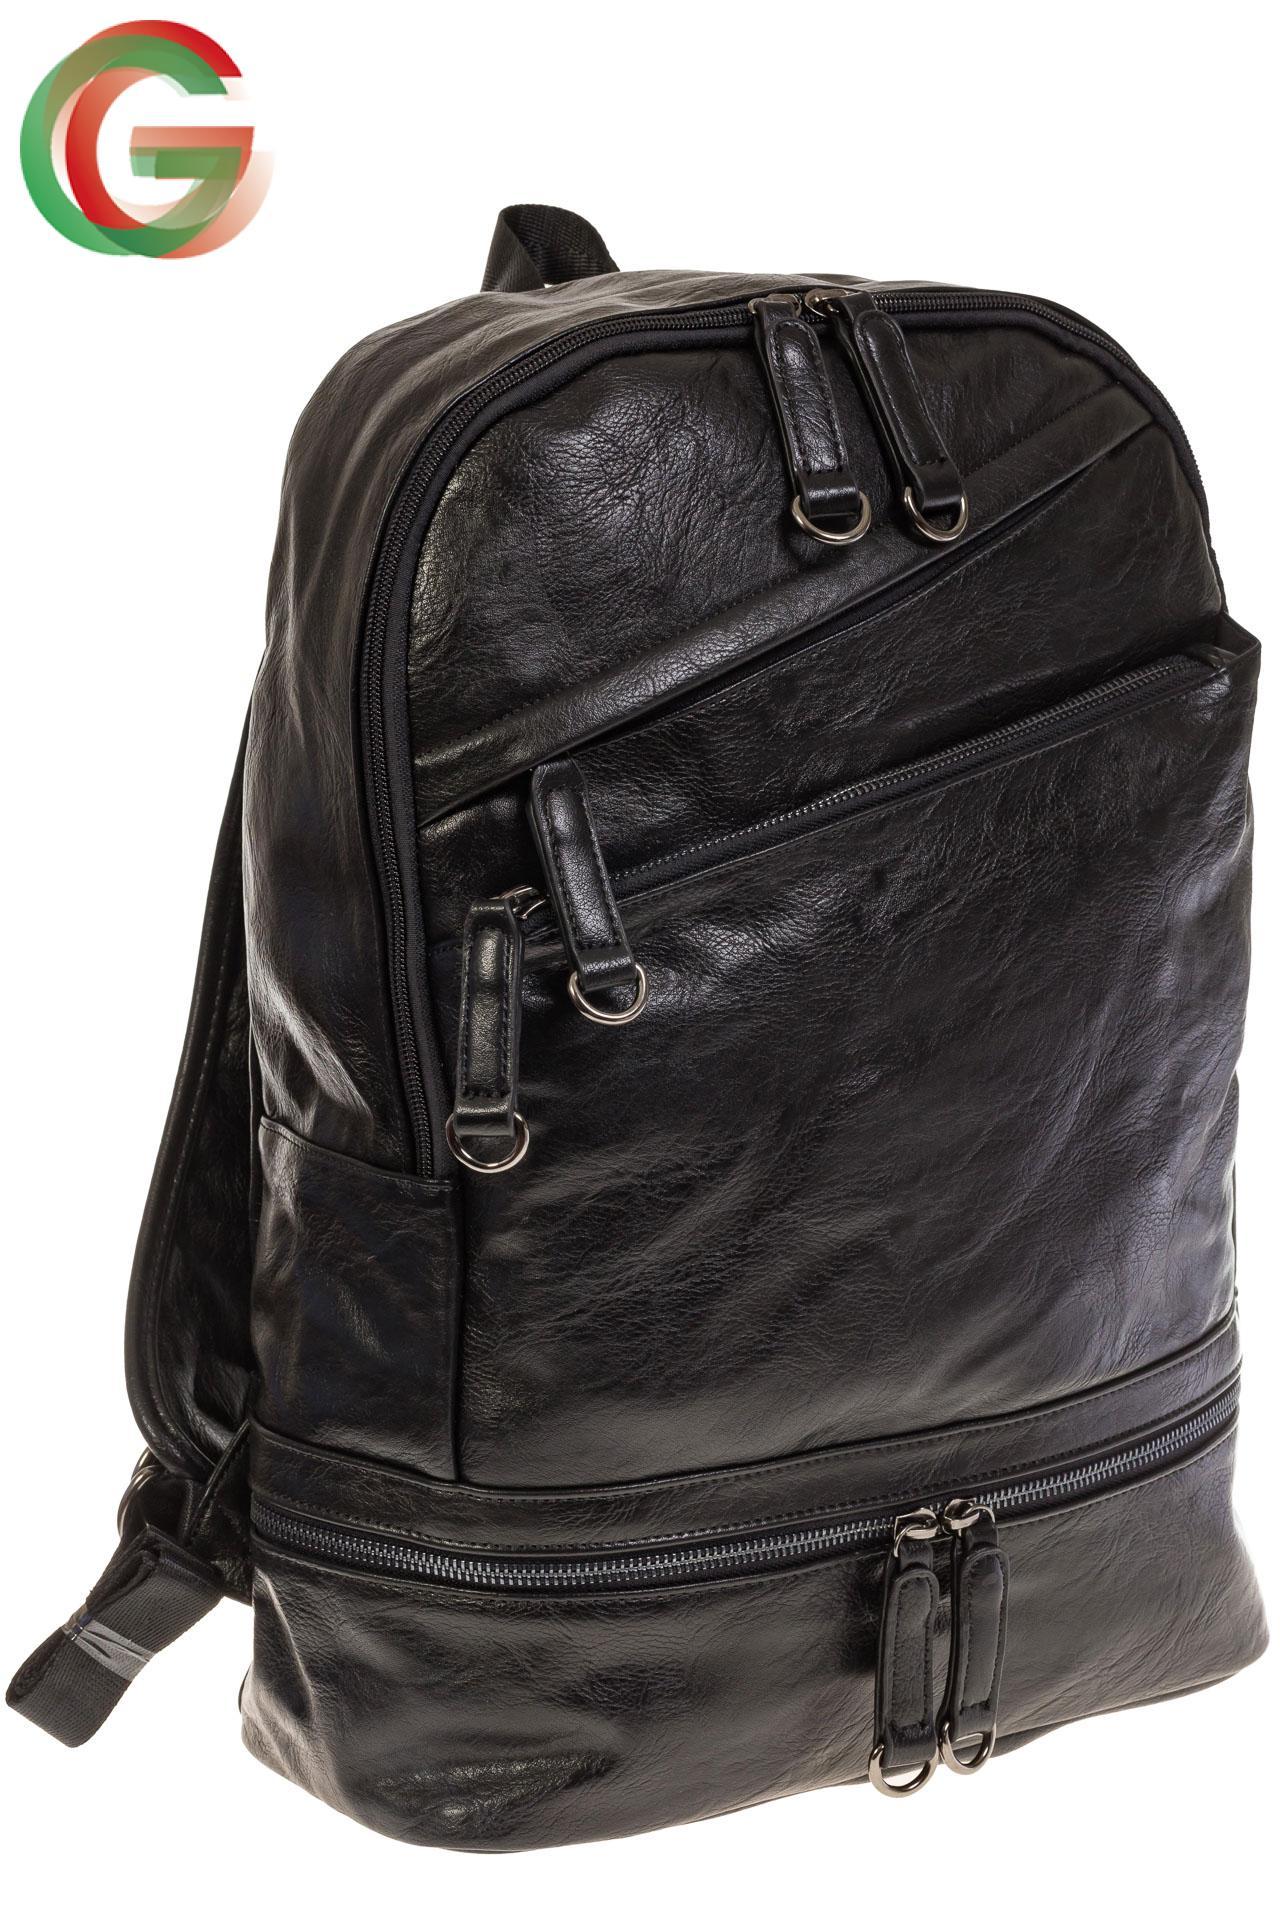 05f14c9b2d79 Главные тенденции, которые нужно учитывать, покупая себе модный рюкзак в  сезоне 2019, это то, что актуальными будут модели с красивой комбинацией  «осенних» ...